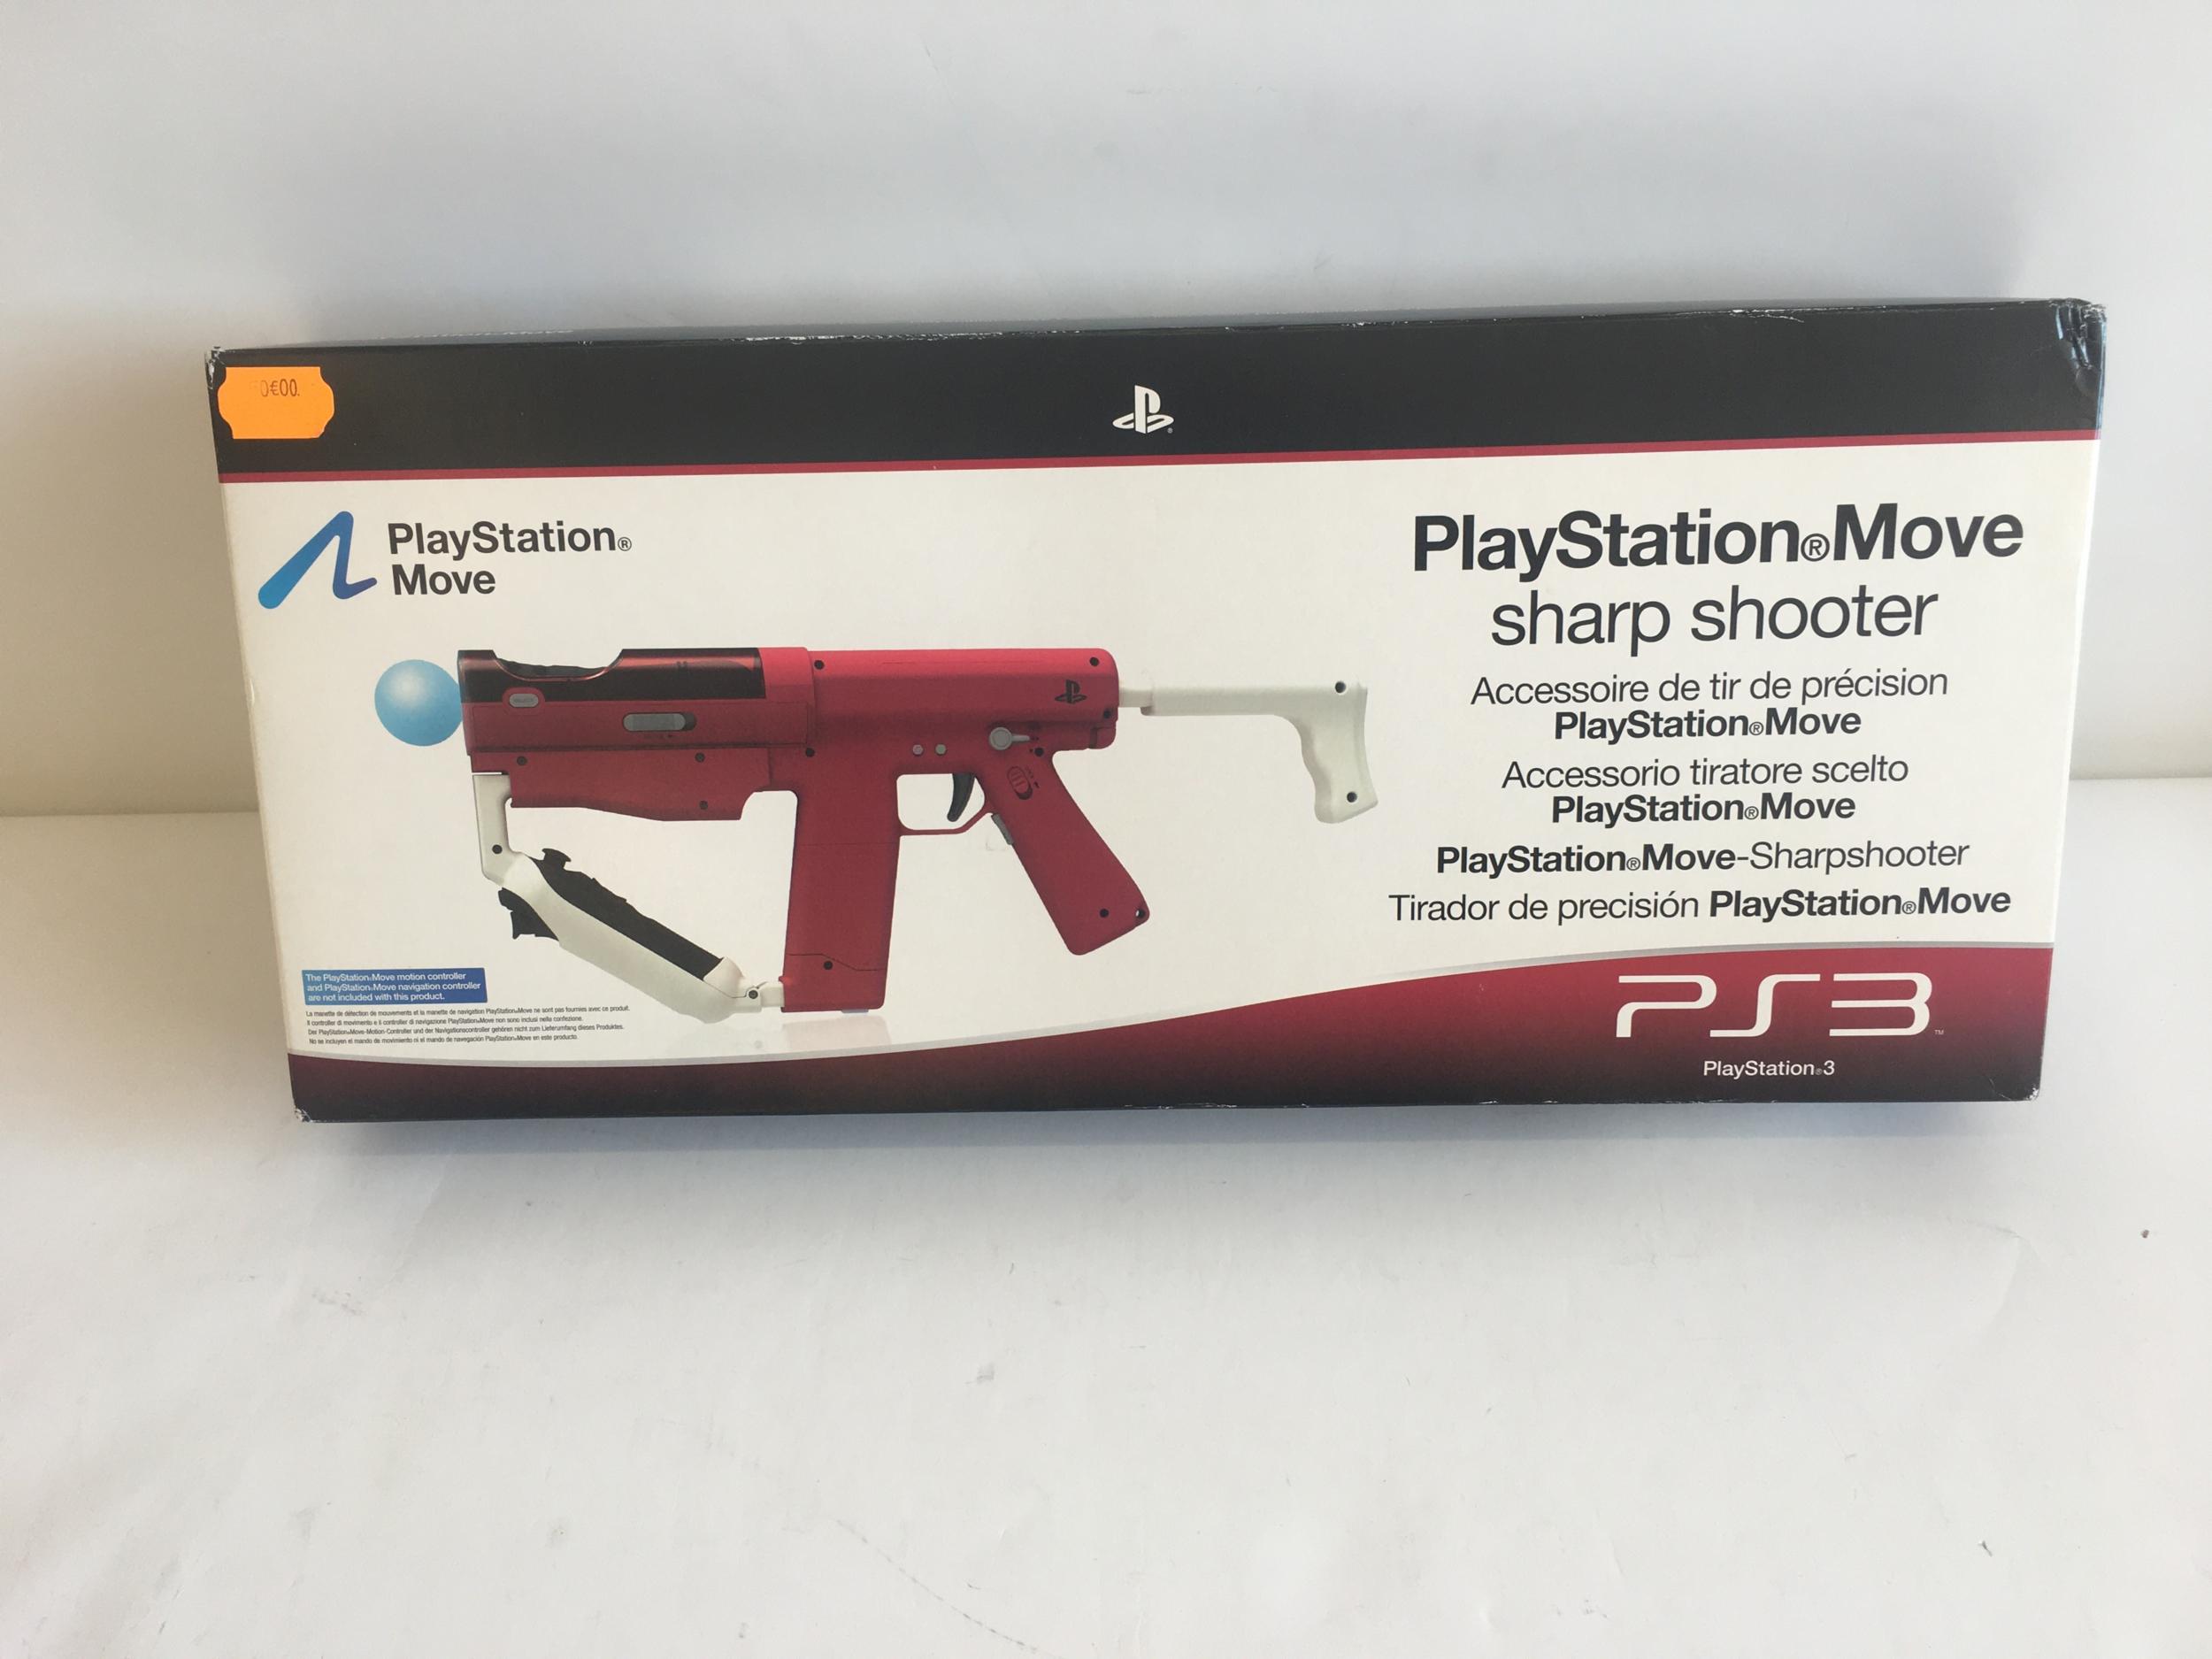 Playstation Move Sharp Shooter PS3